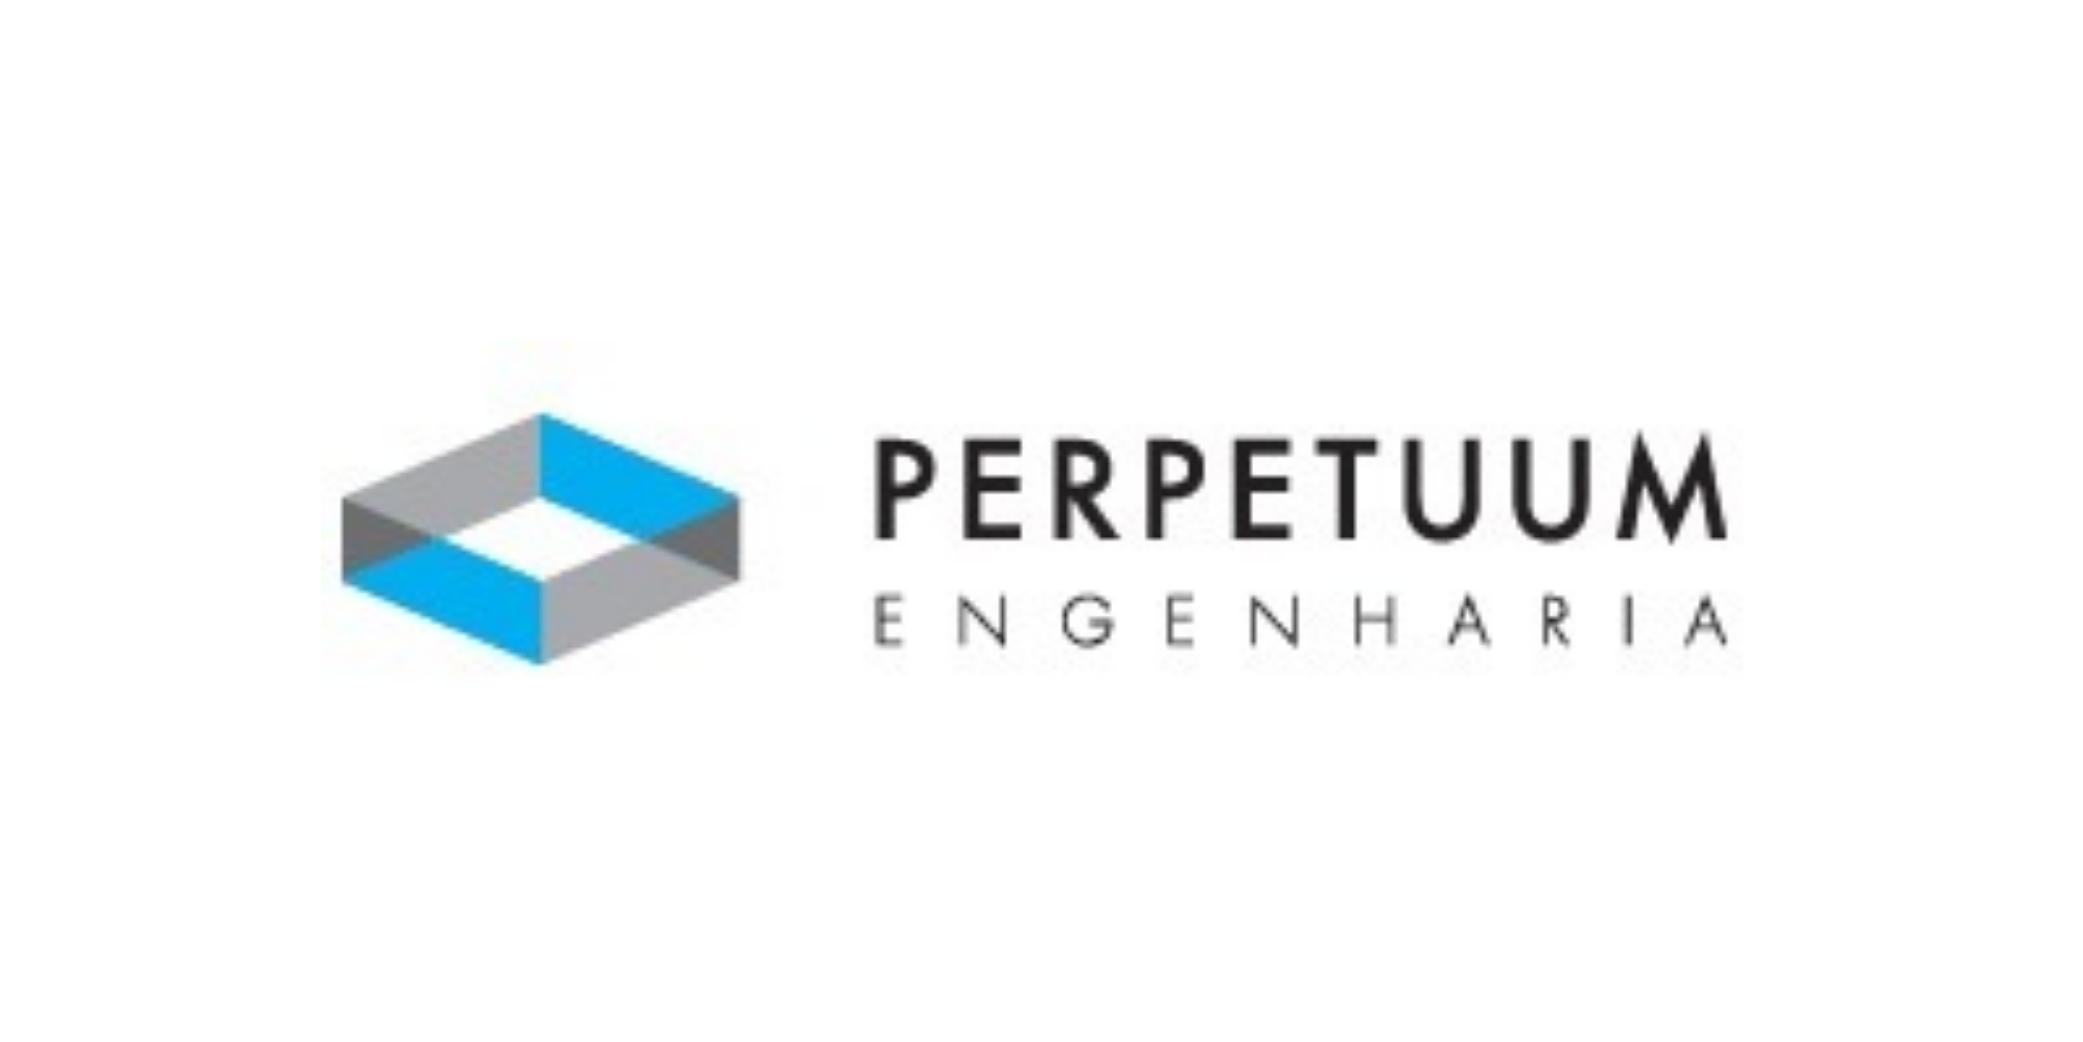 Perpetuum-1.png